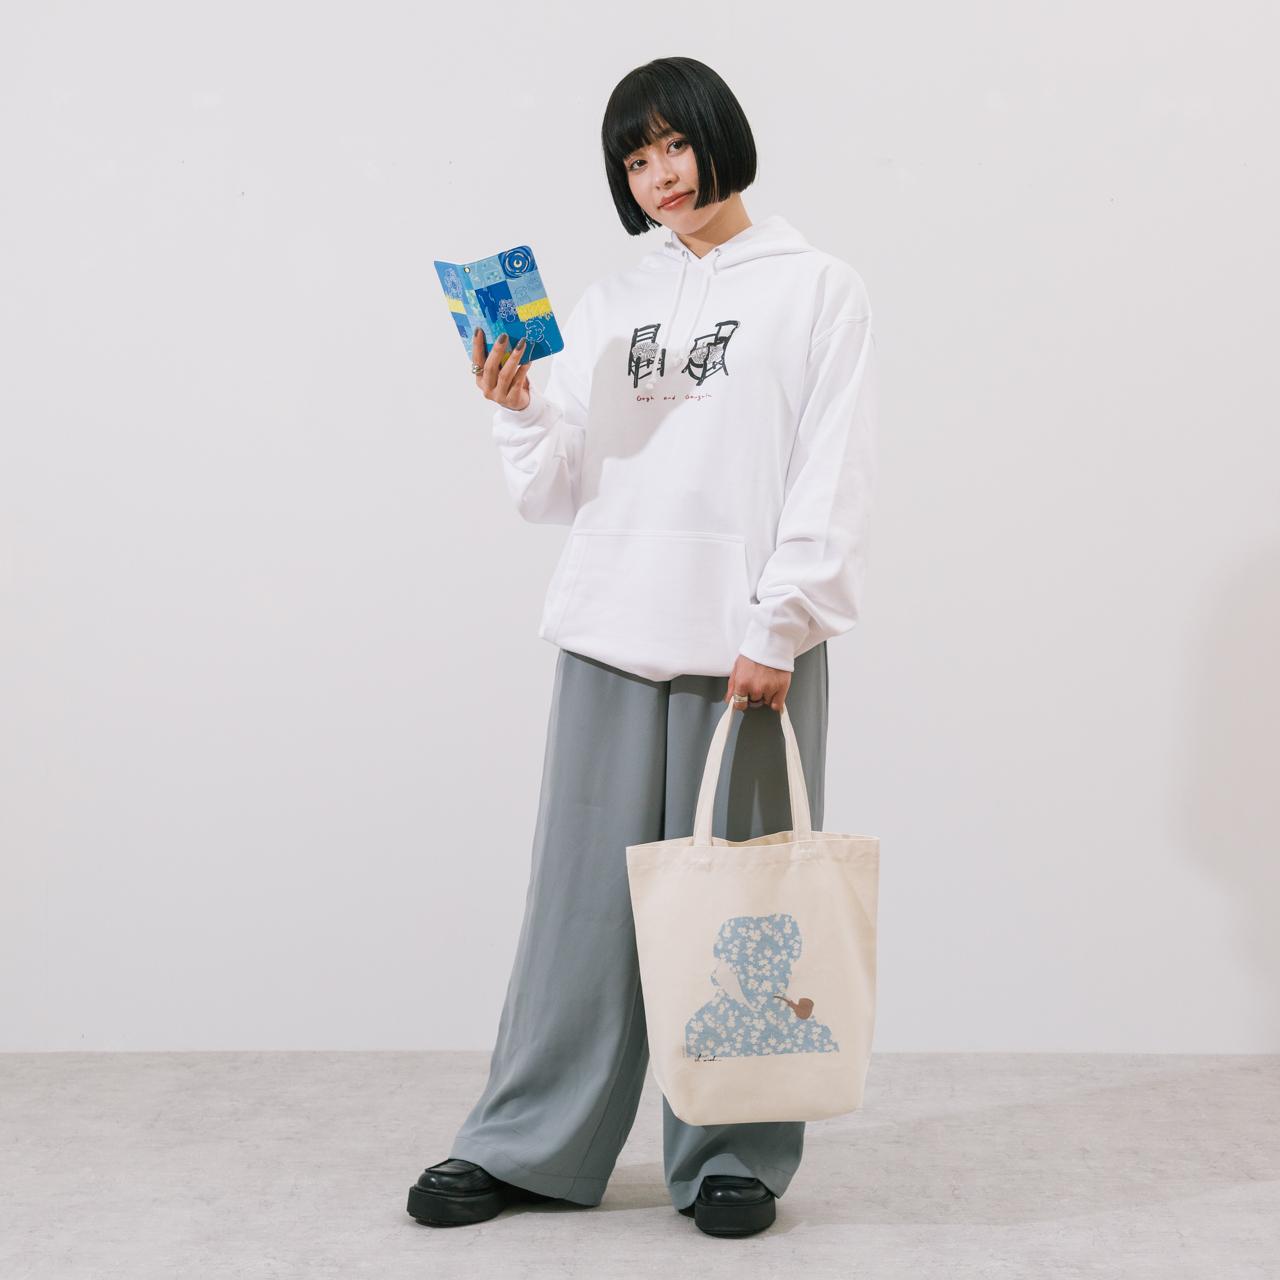 クリエイターズプロジェクト【ART 002】